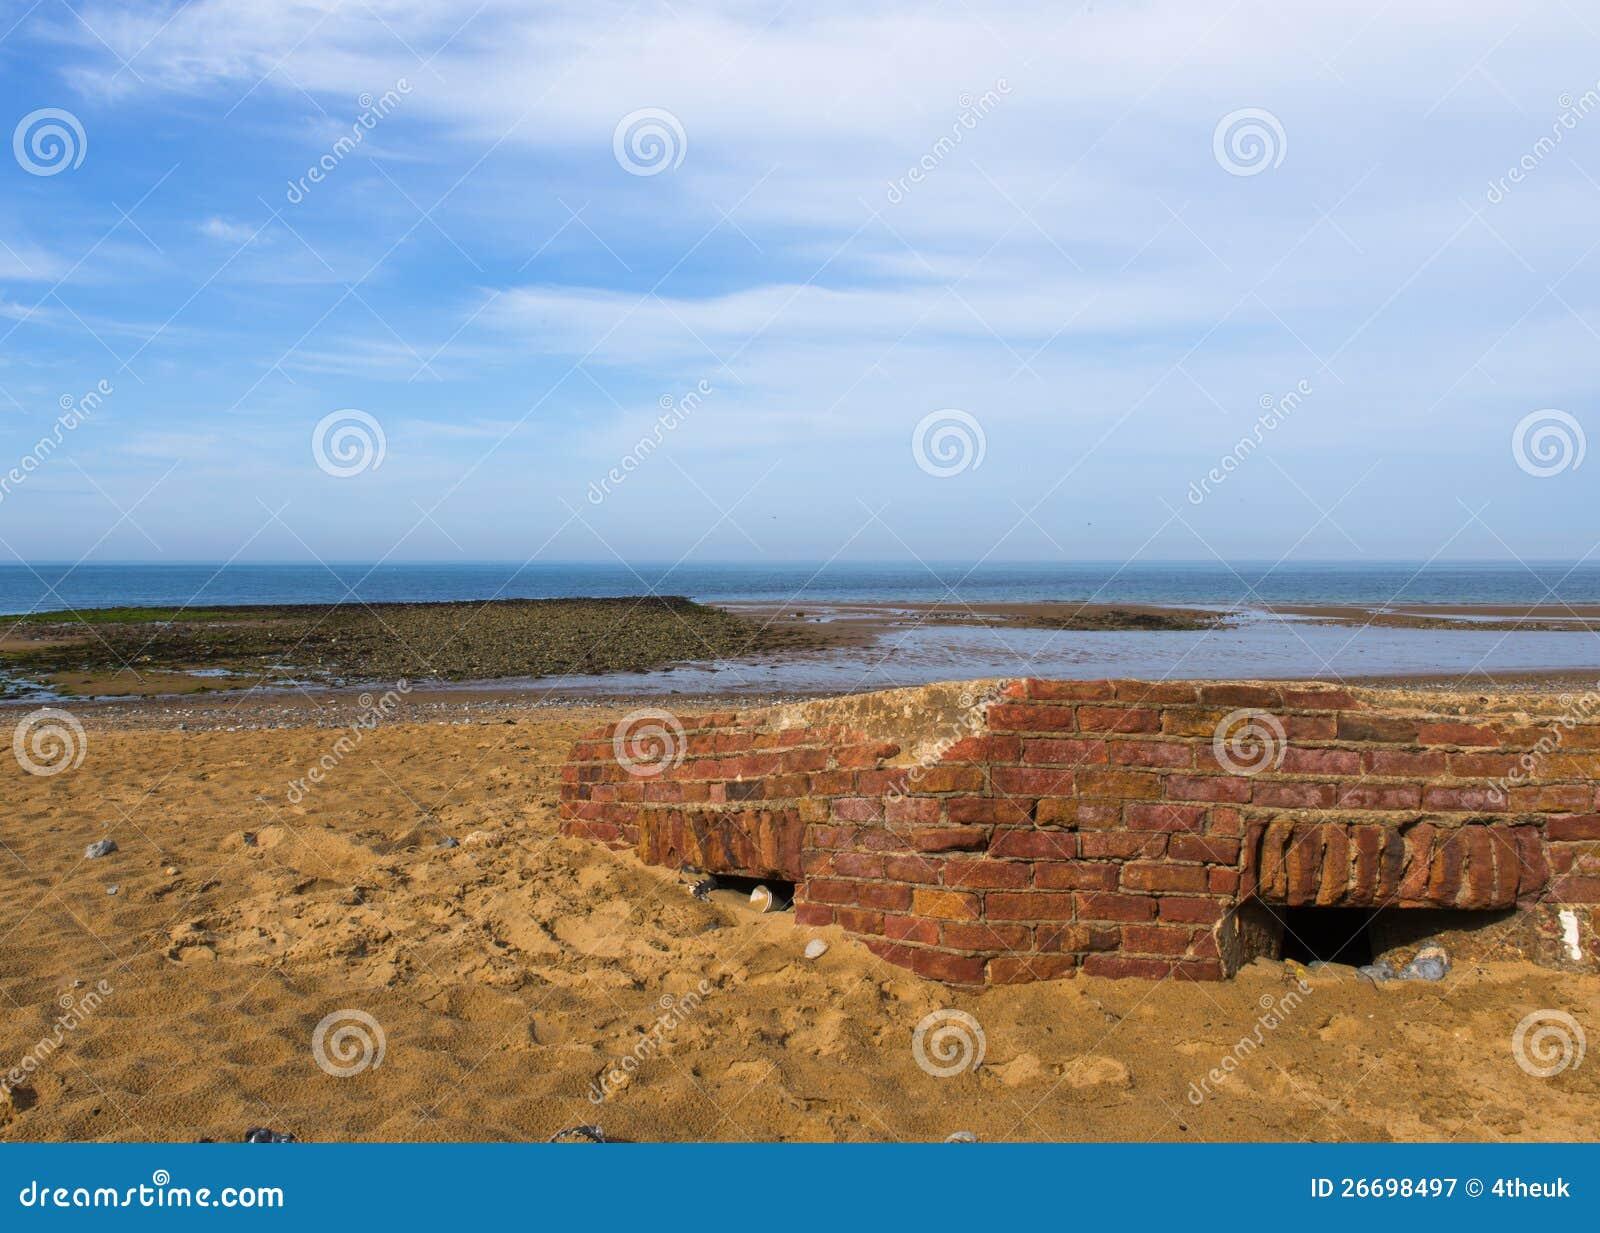 Дзот похороненный на песчаном пляже